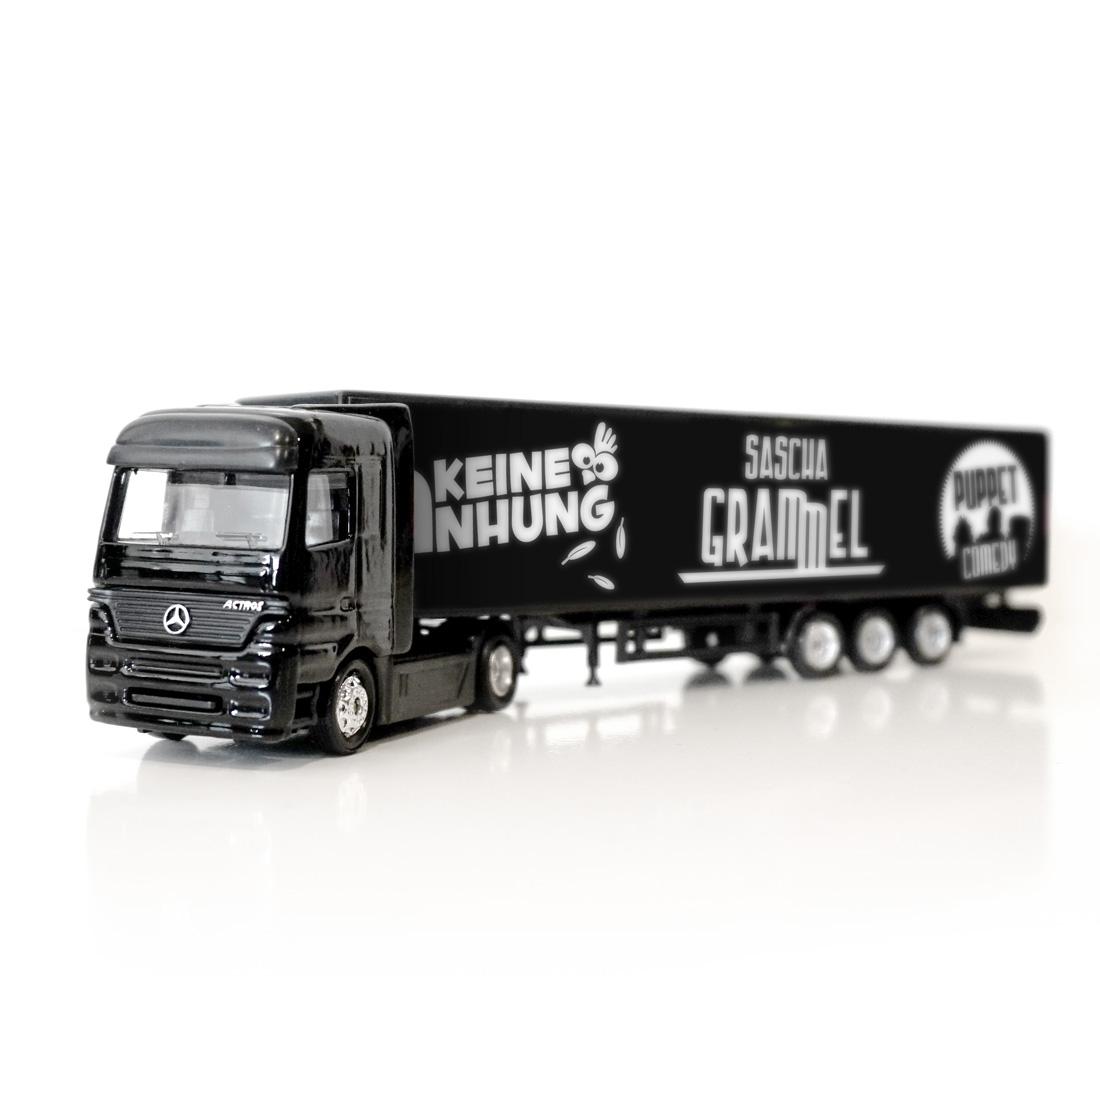 Keine Anhung von Sascha Grammel - Modell-Truck jetzt im Bravado Shop